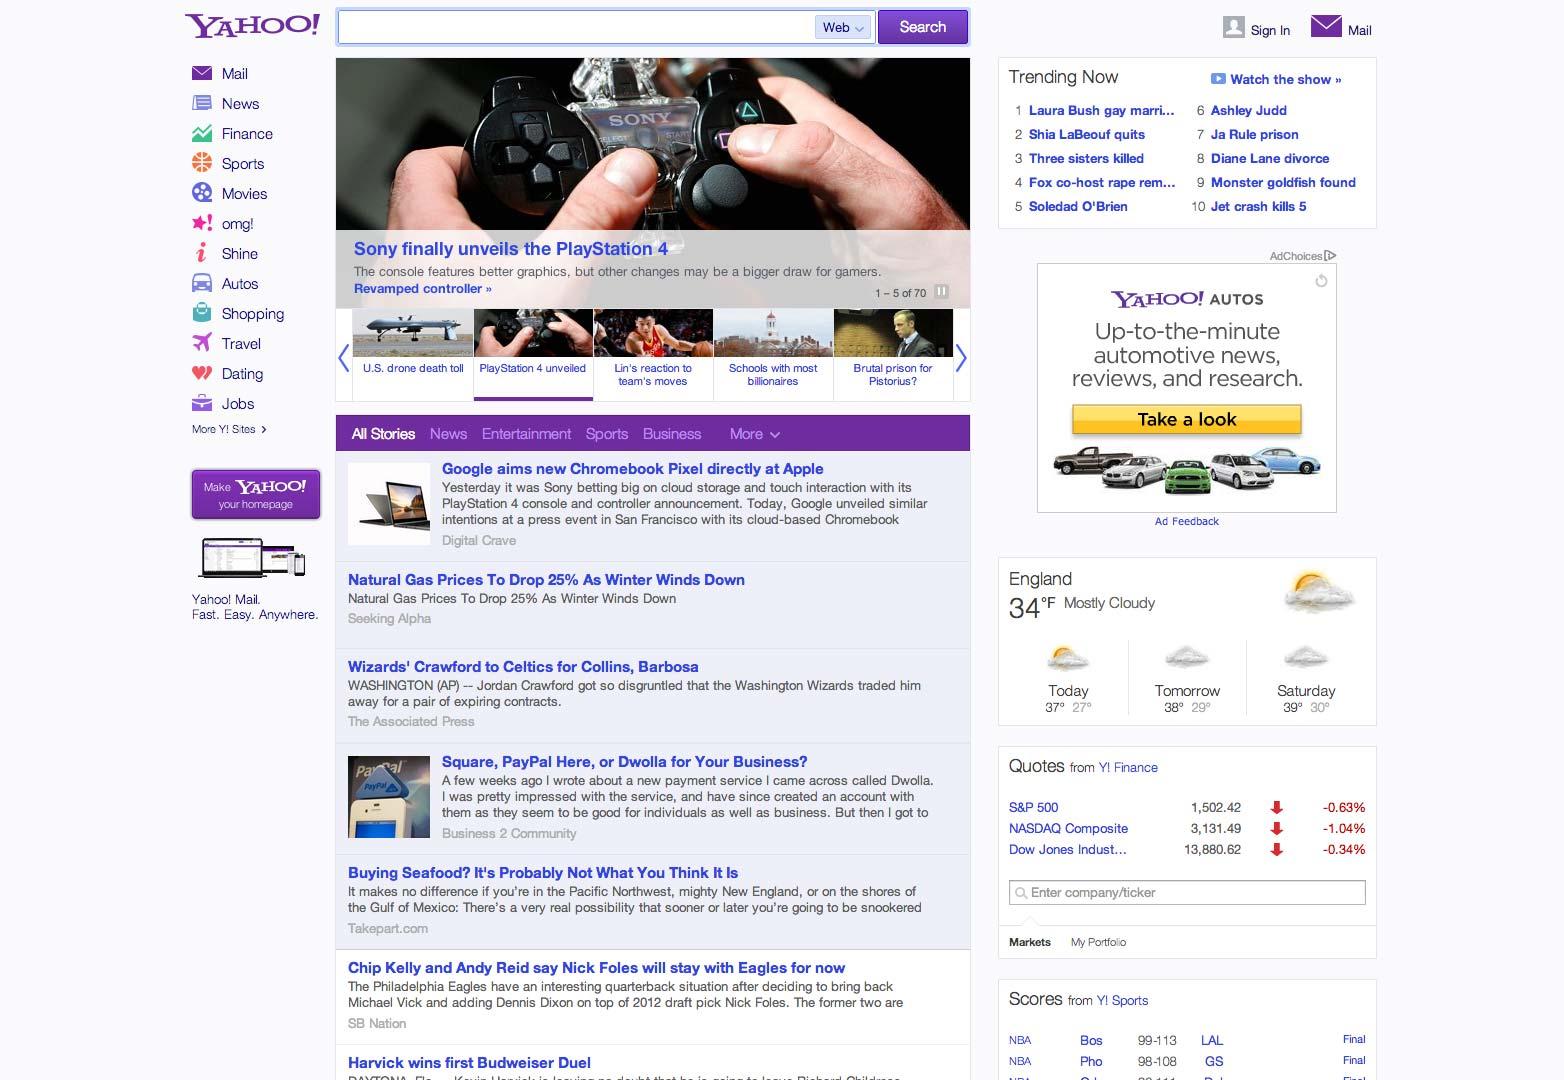 New Yahoo!